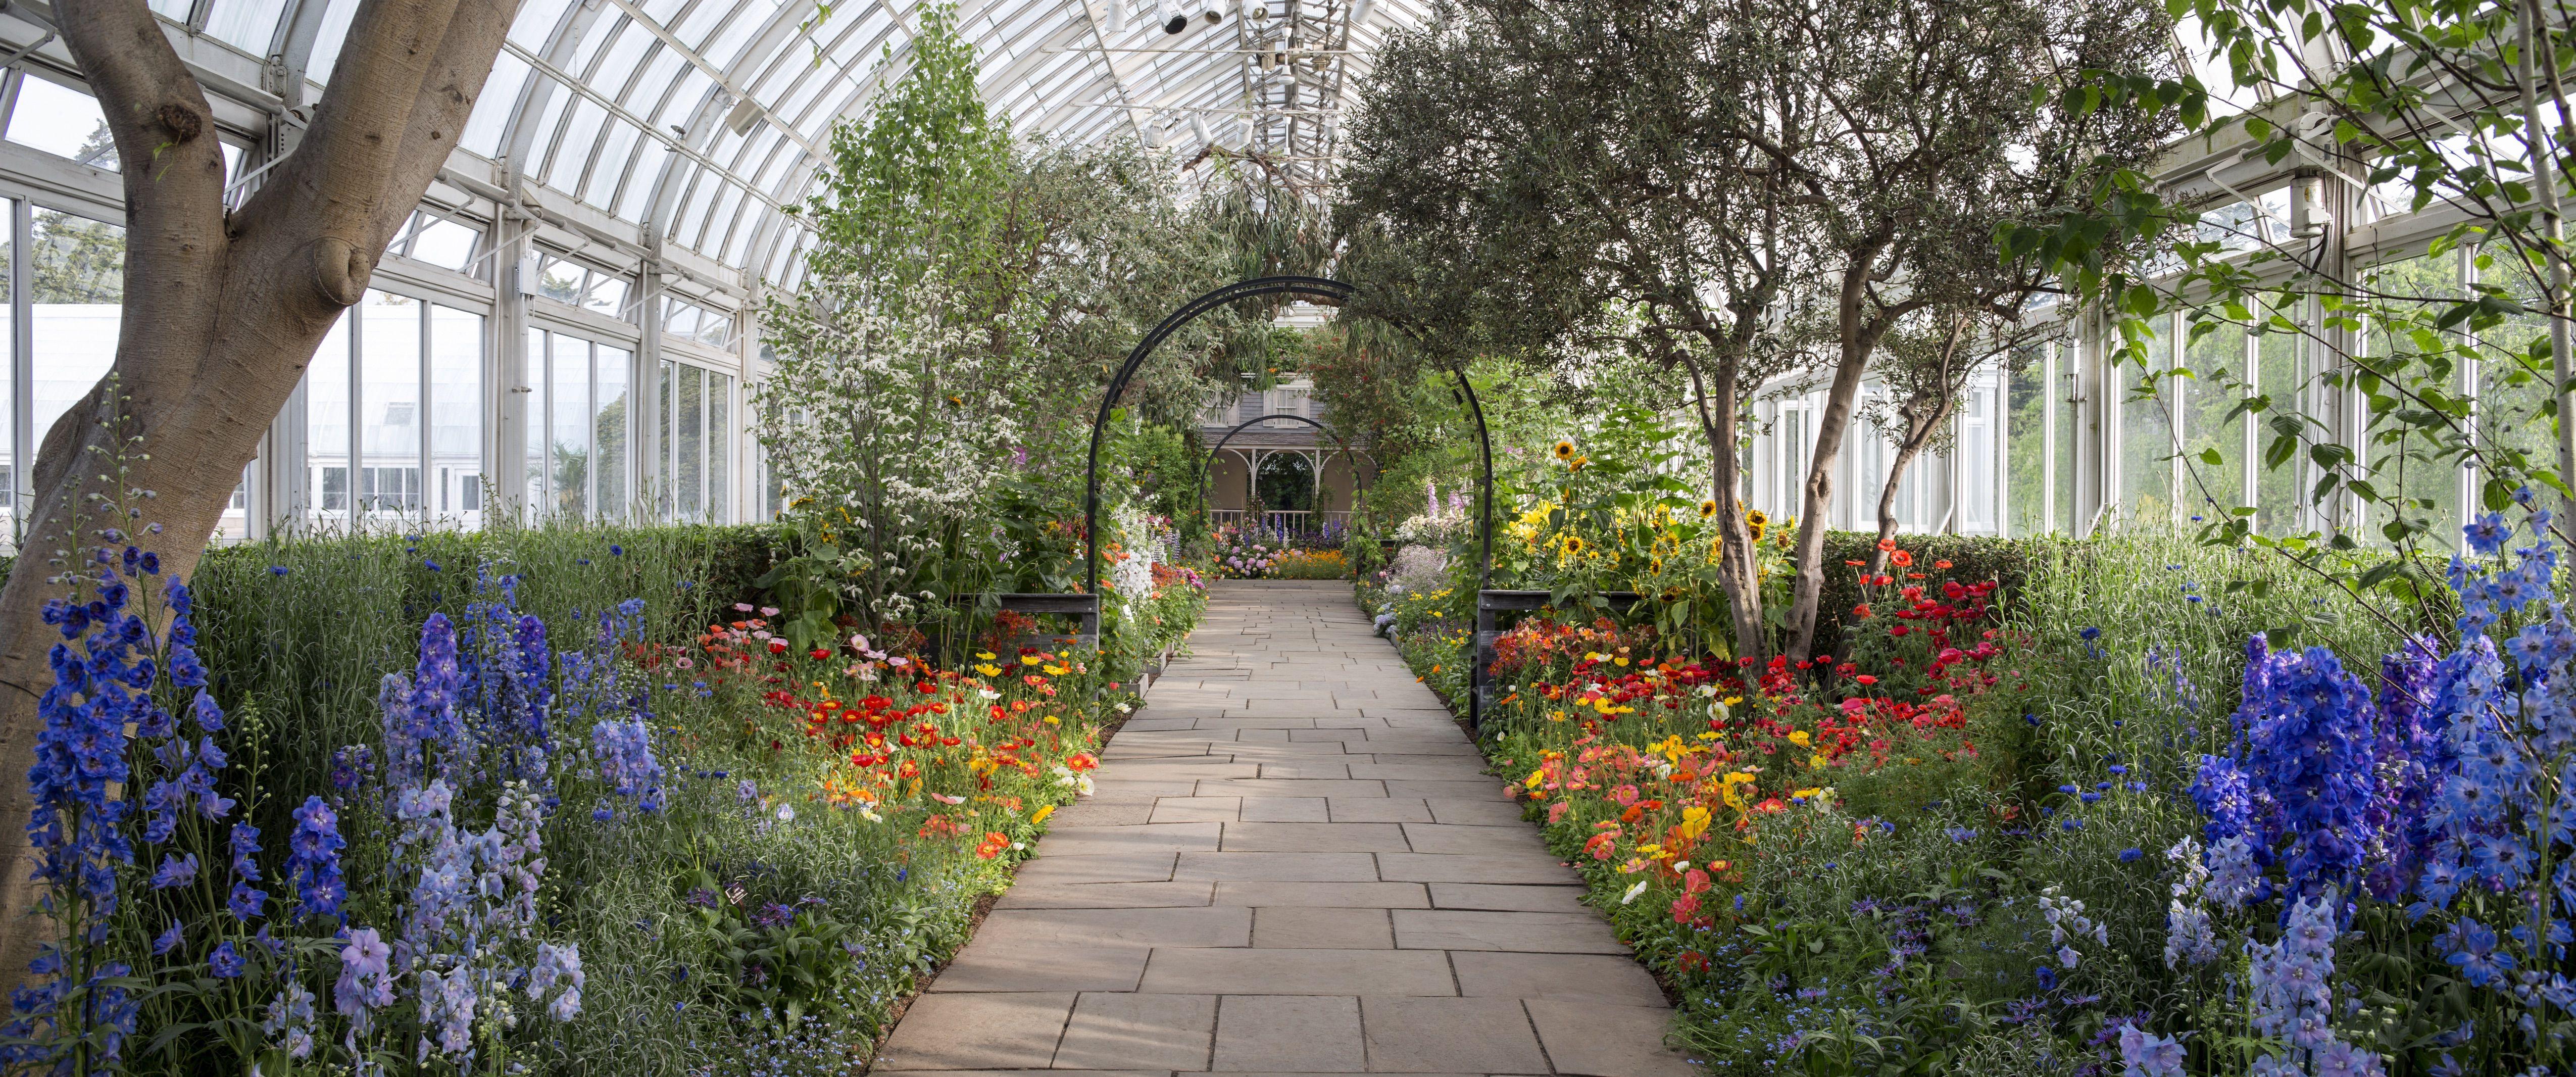 Media Gallery Family Garden Botanical Gardens Garden